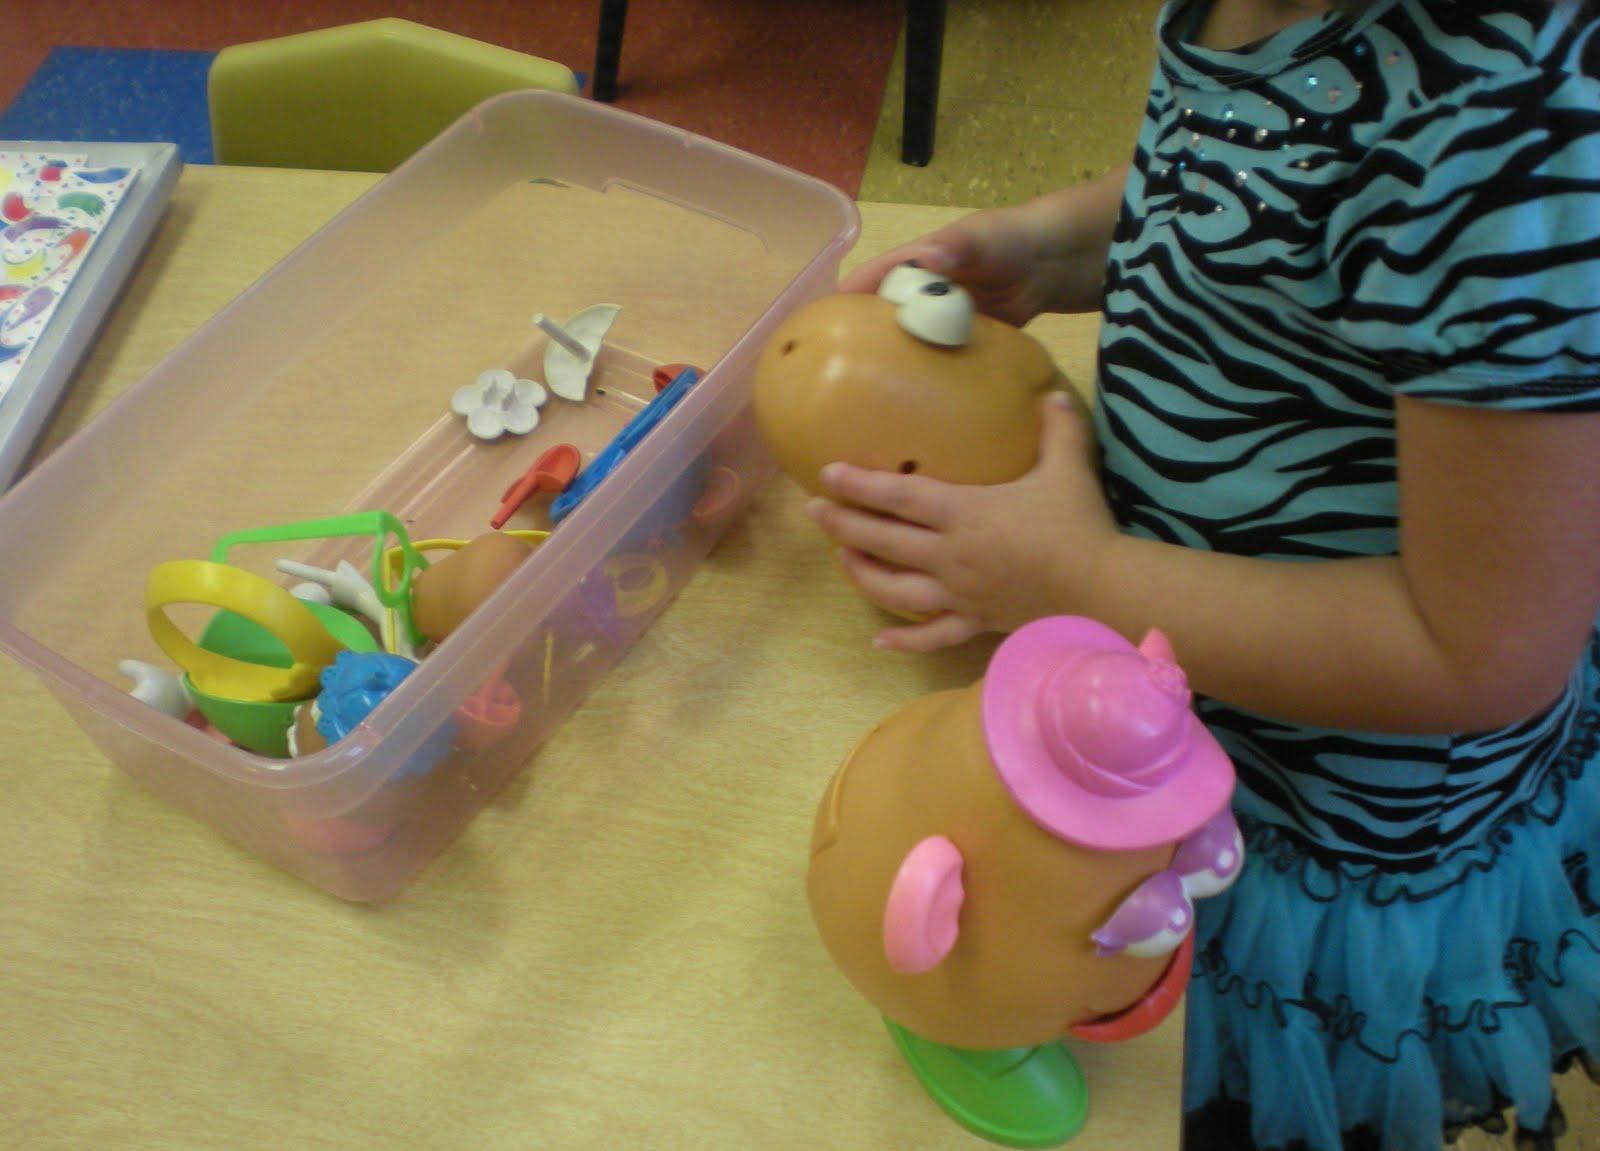 Days Friendship Day Activities For Preschoolers